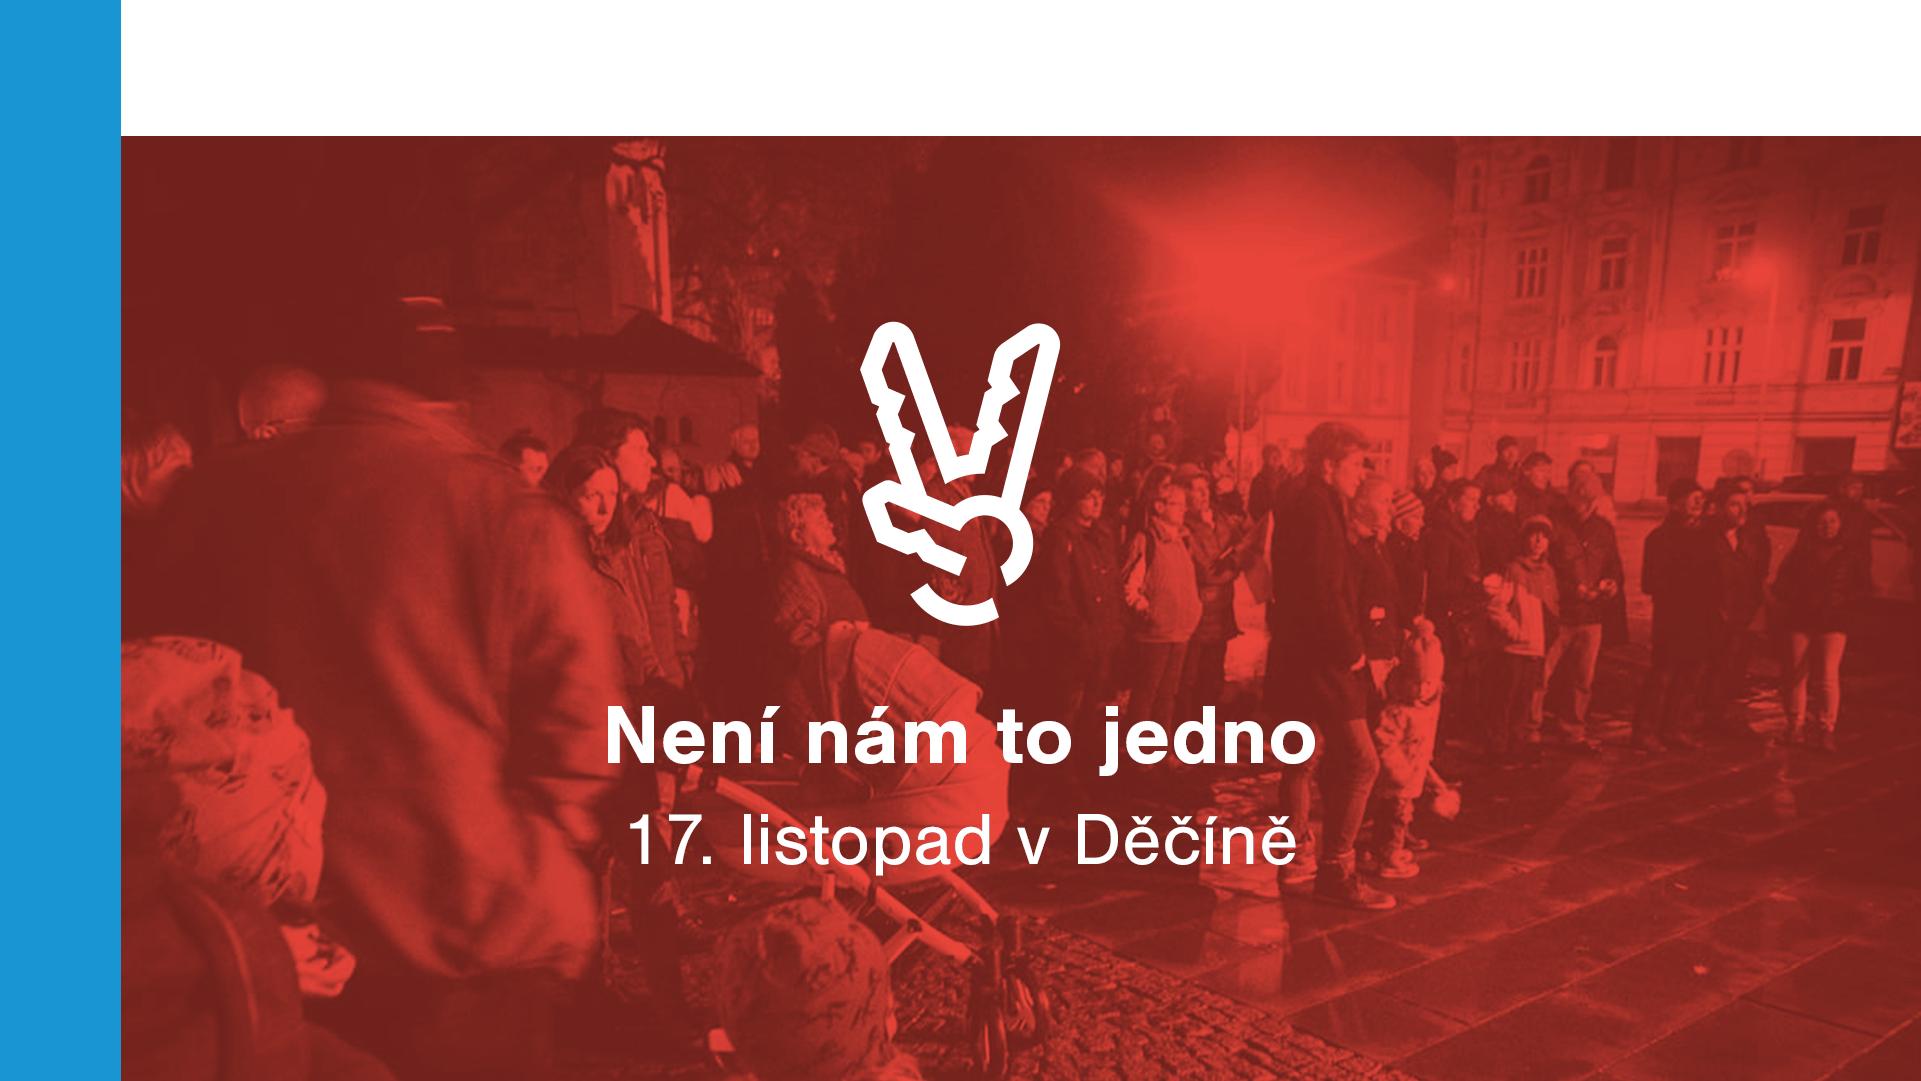 Není nám to jedno! - 17. listopad v Děčíně